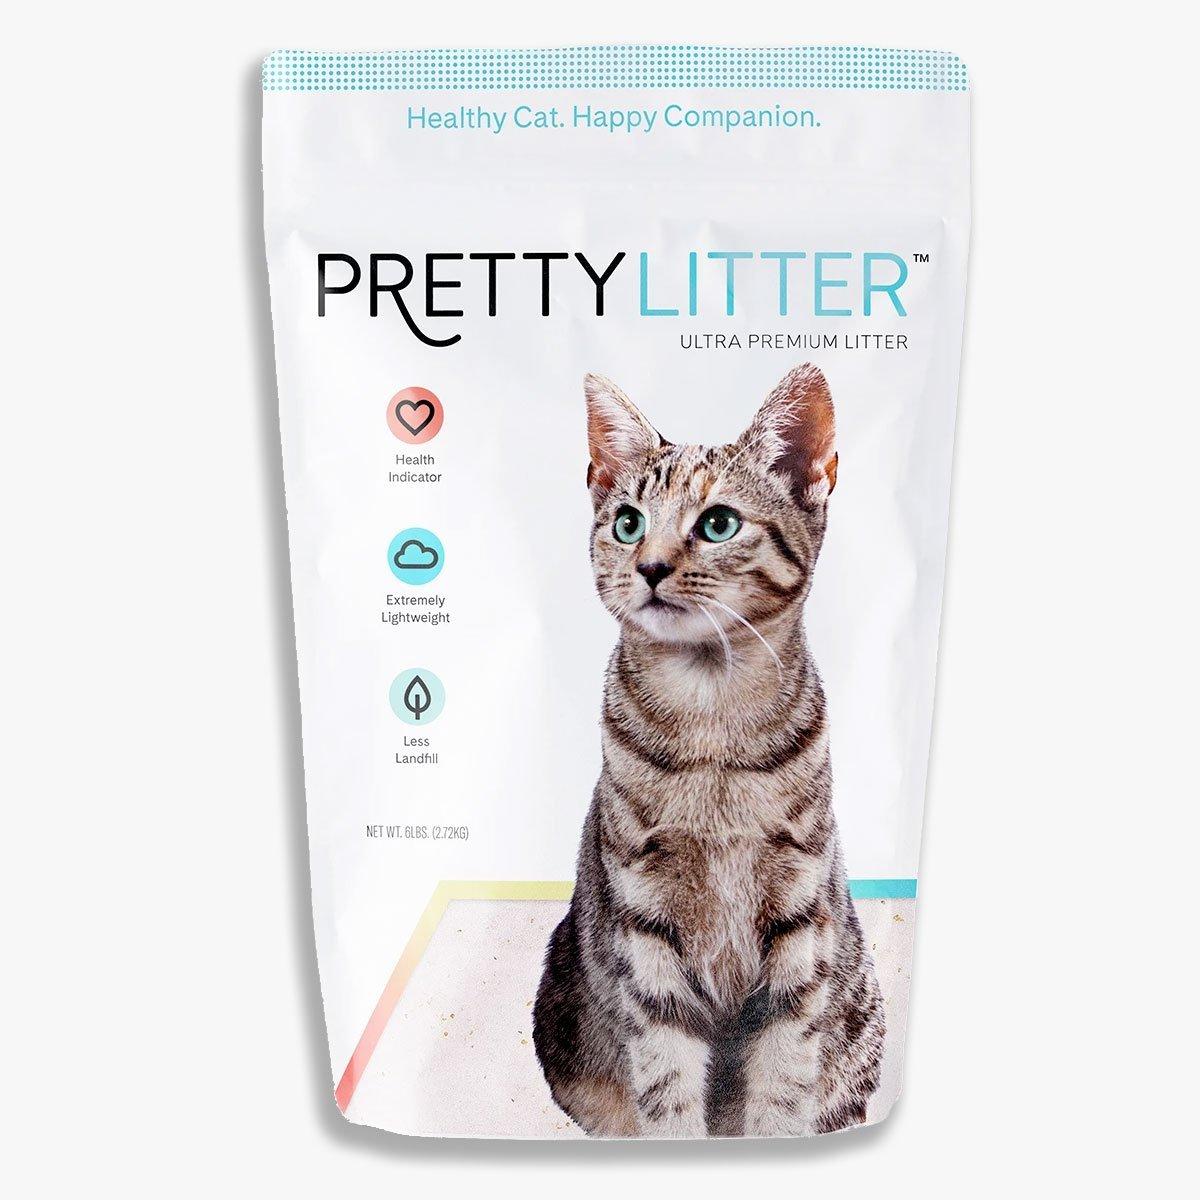 Pretty Litter Cat Litter Image